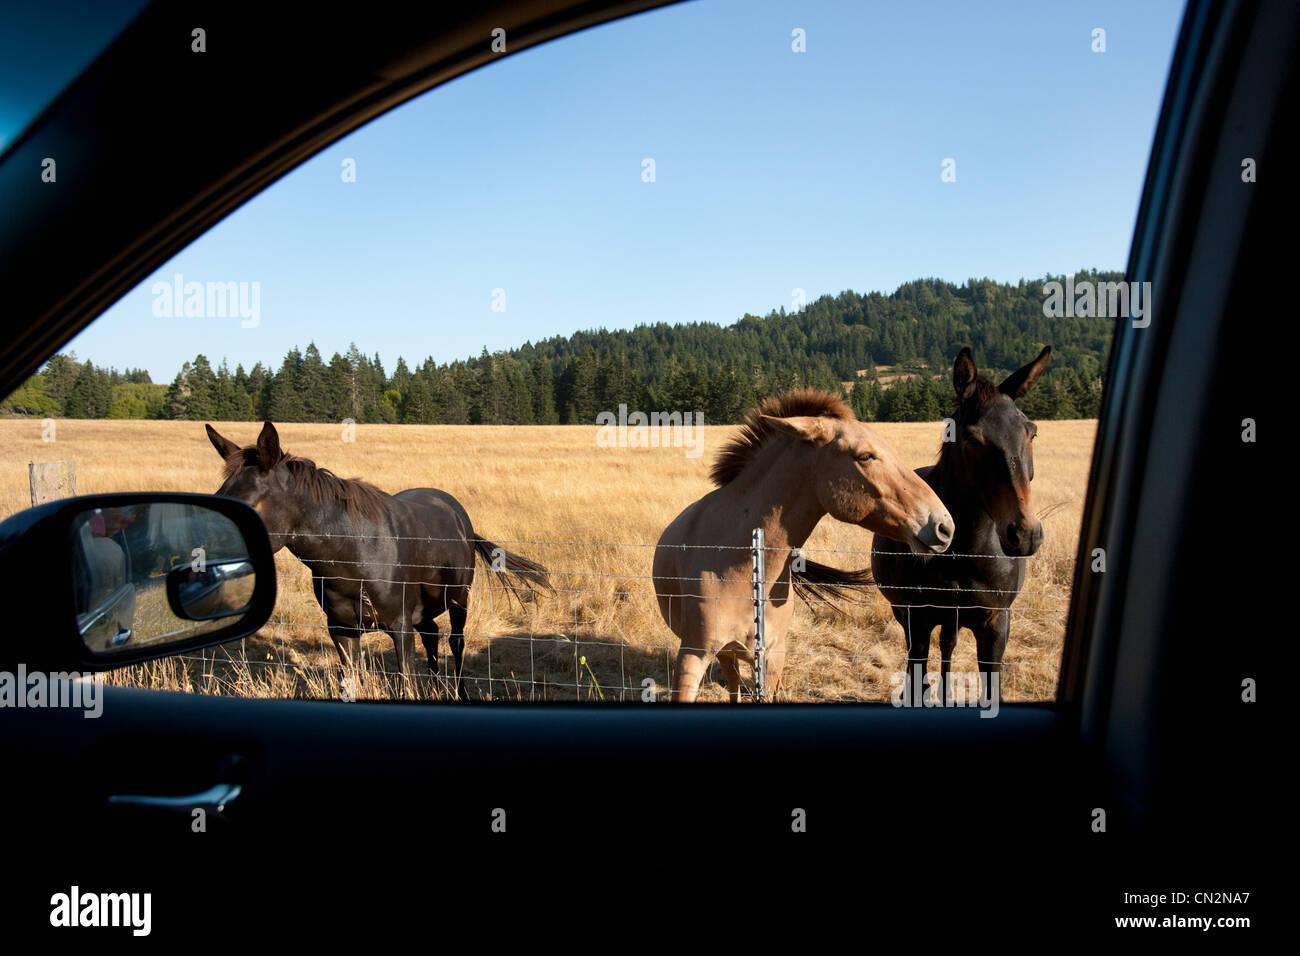 Caballos vistos a través de ventanilla Imagen De Stock